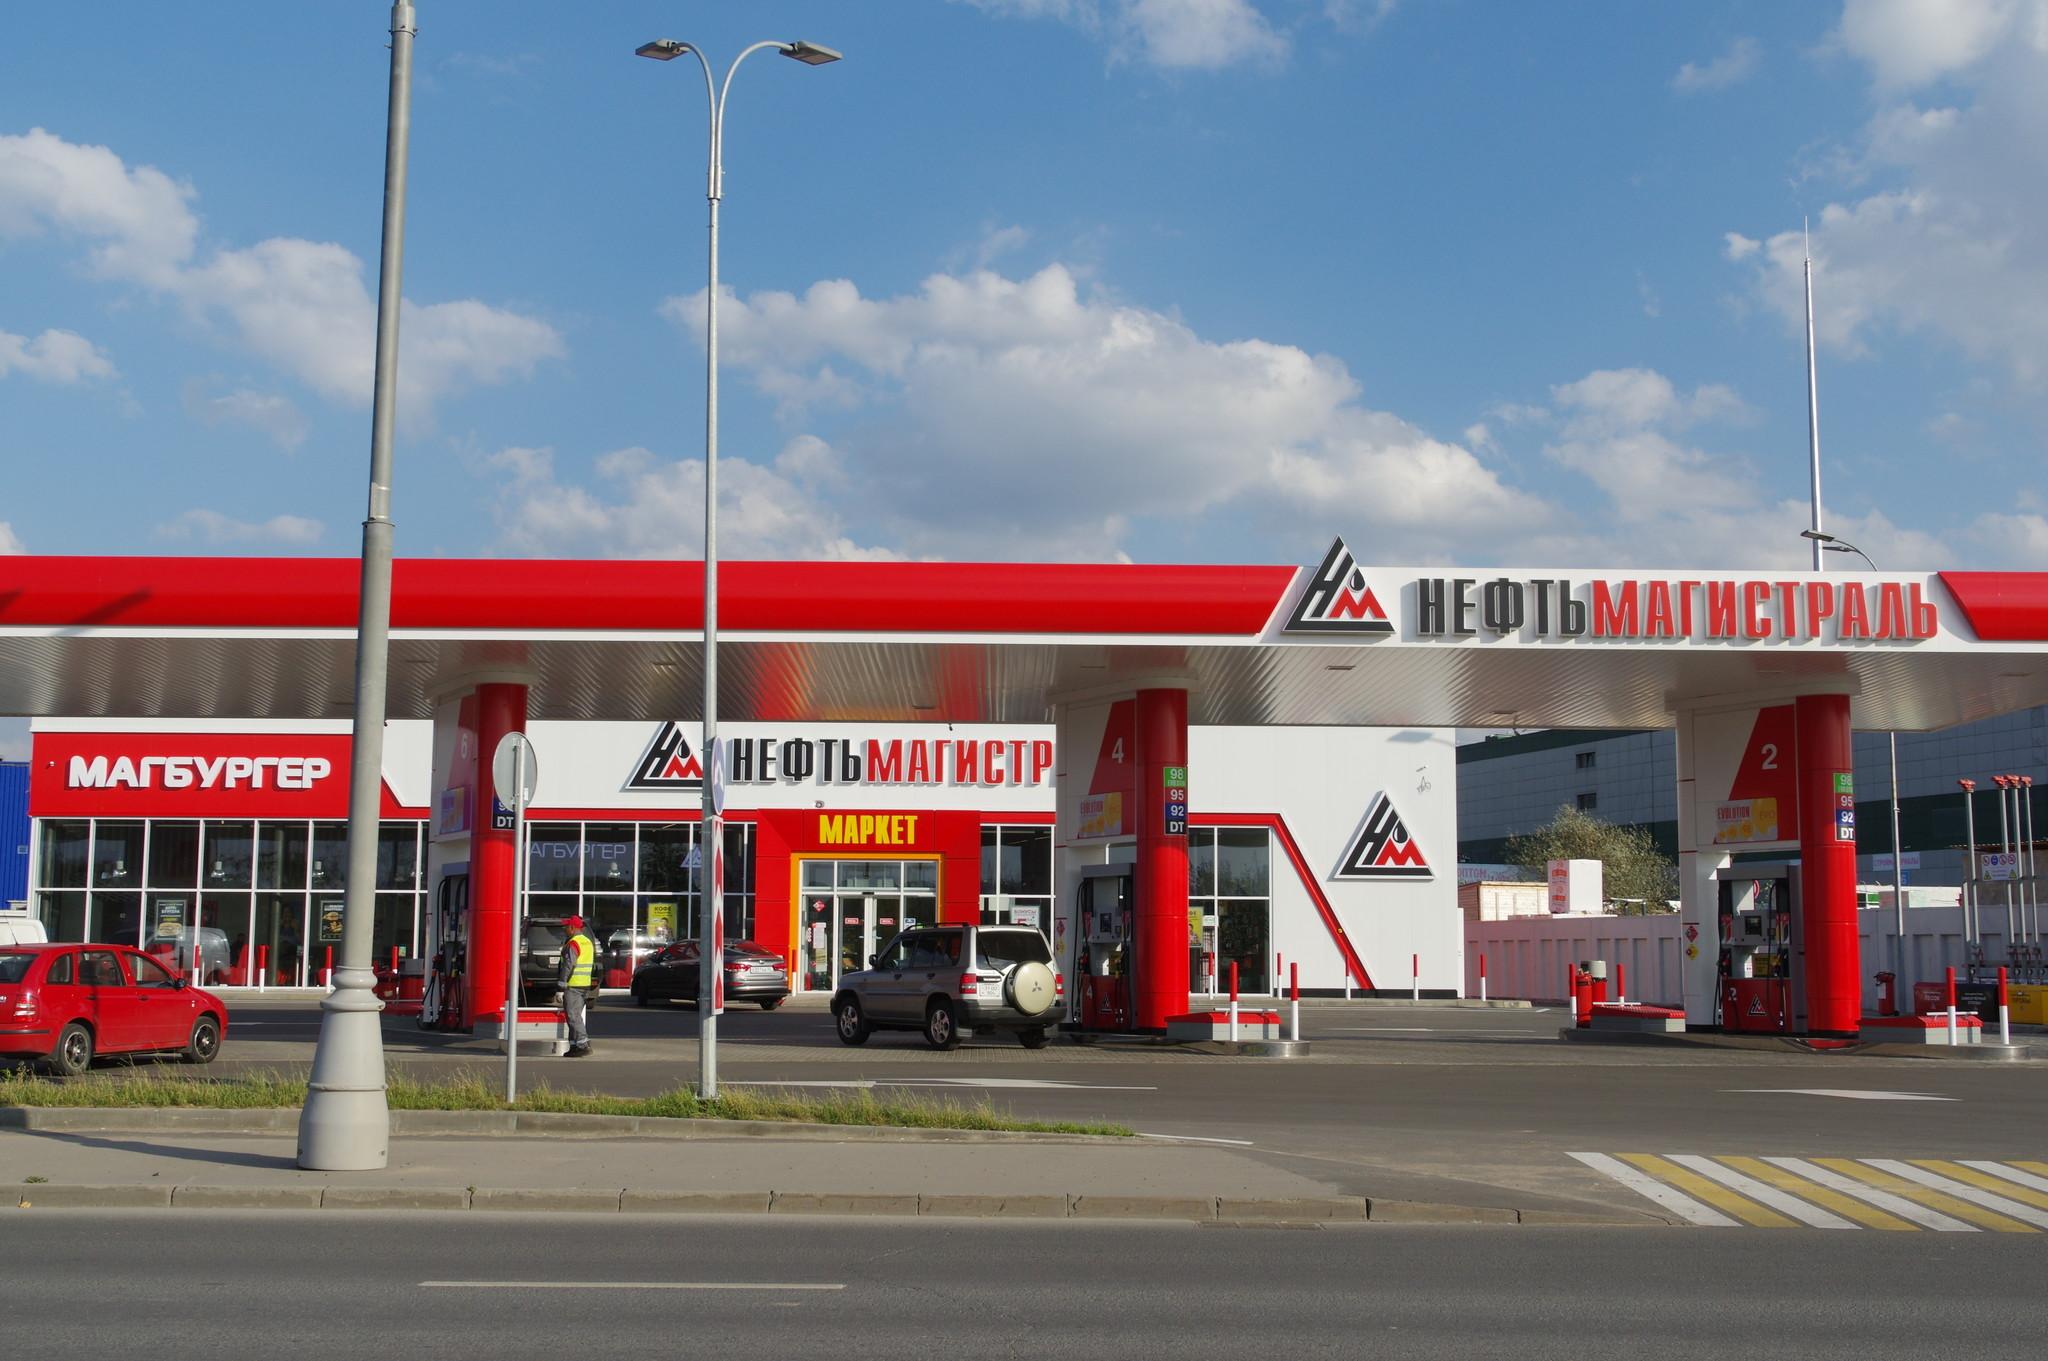 АЗС Нефтьмагистраль в Северном (Дмитровское шоссе, 163)